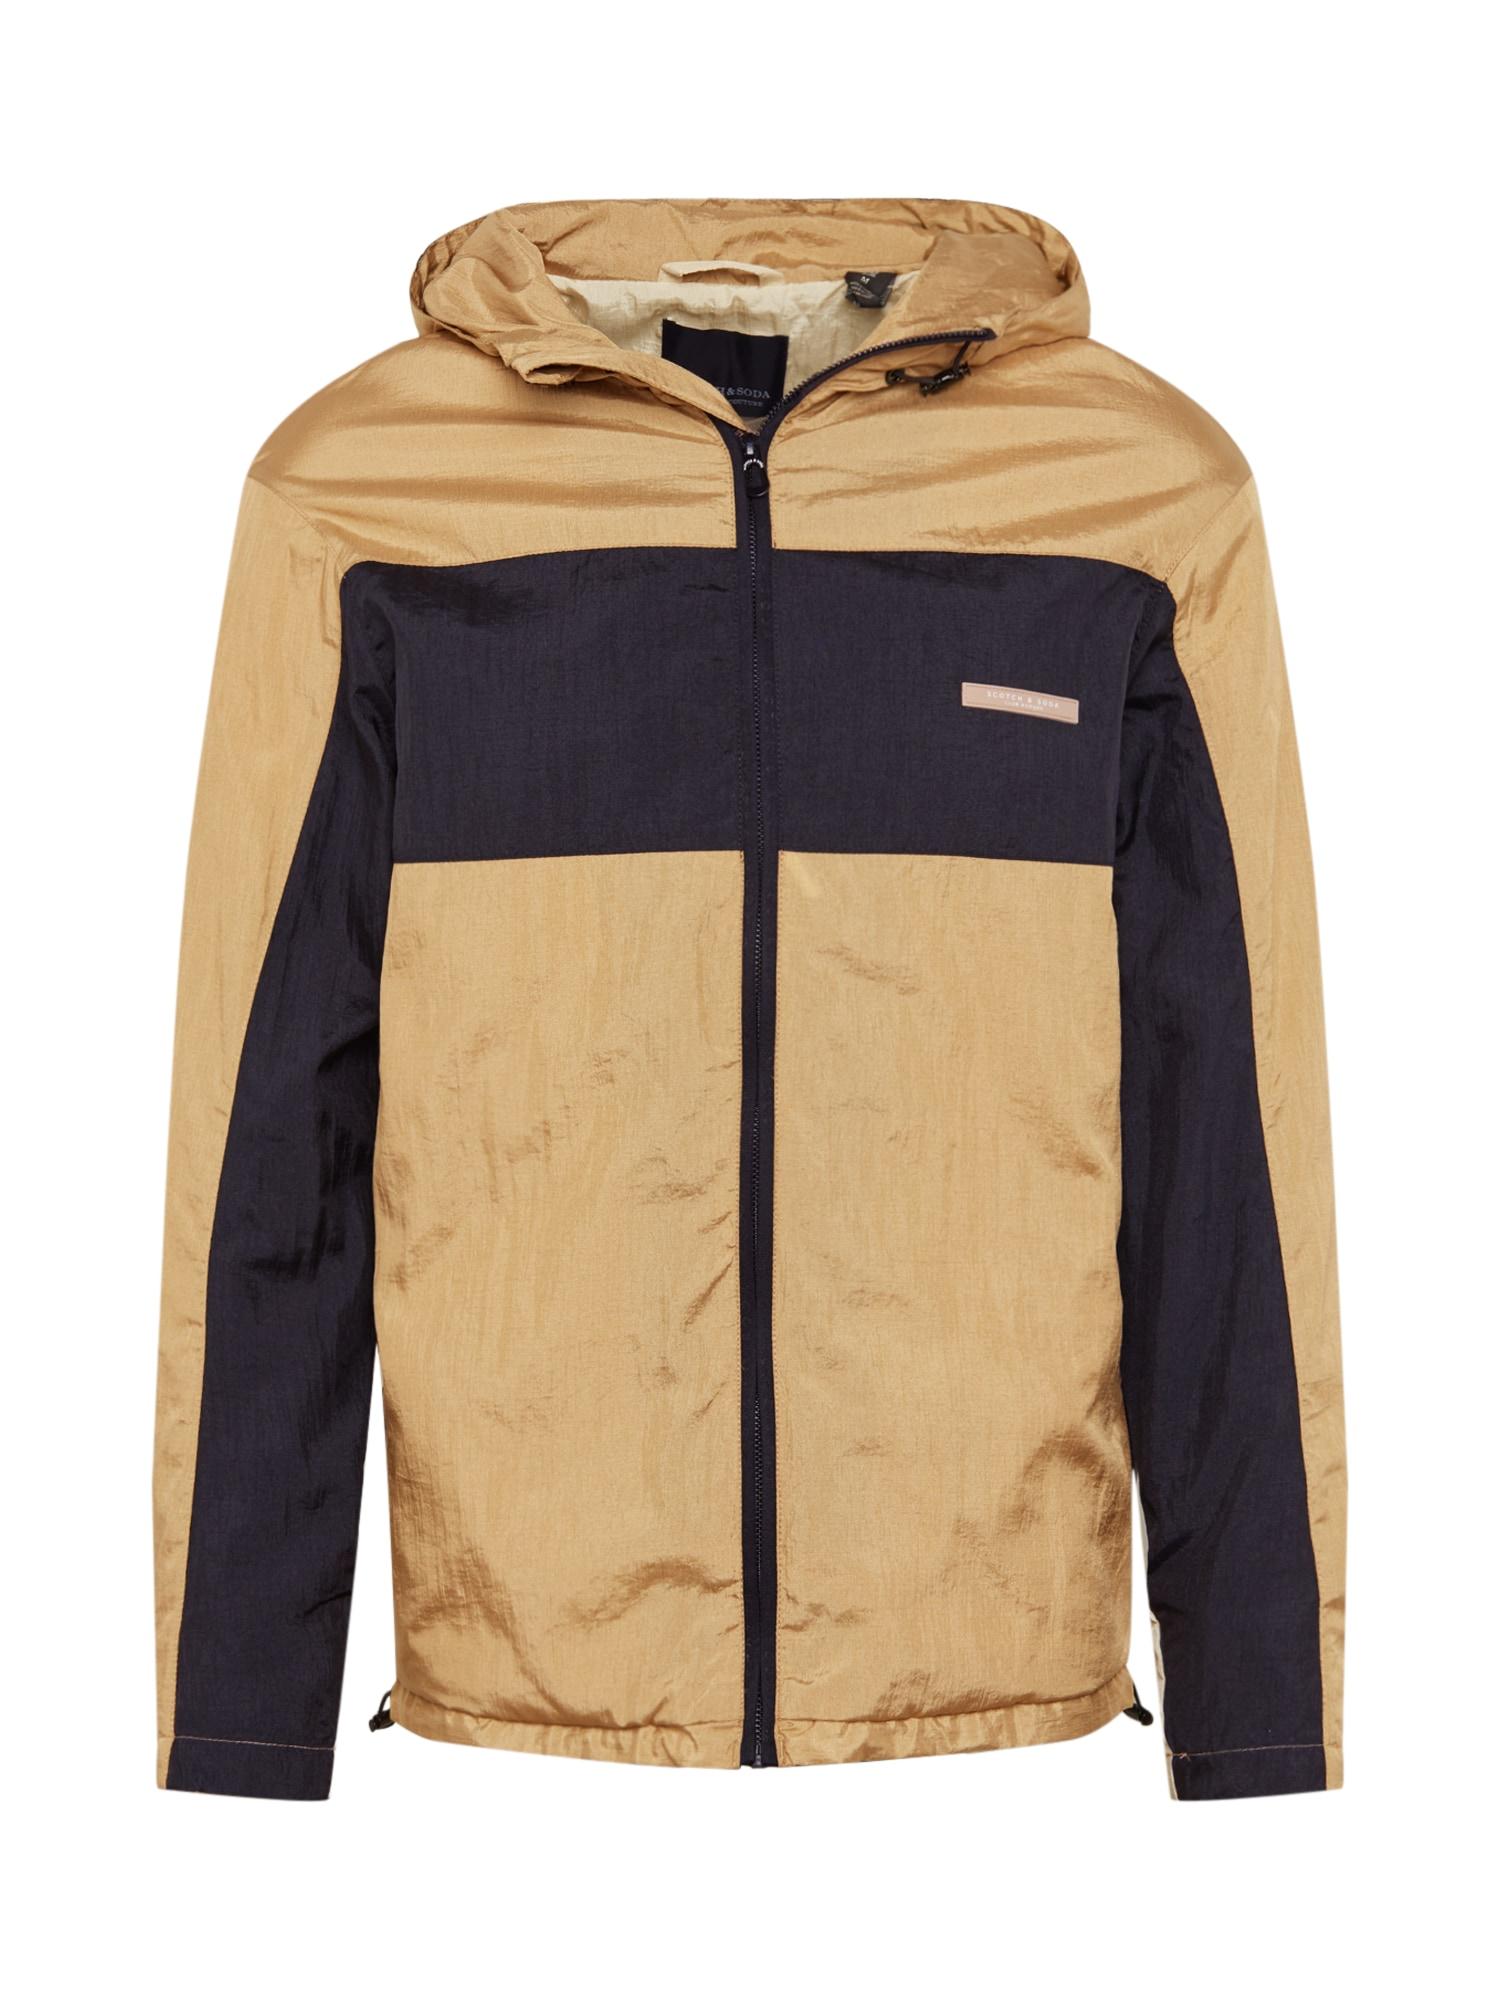 SCOTCH & SODA Prechodná bunda 'Club Nomade easy jacket with color block'  strieborná / čierna / béžová